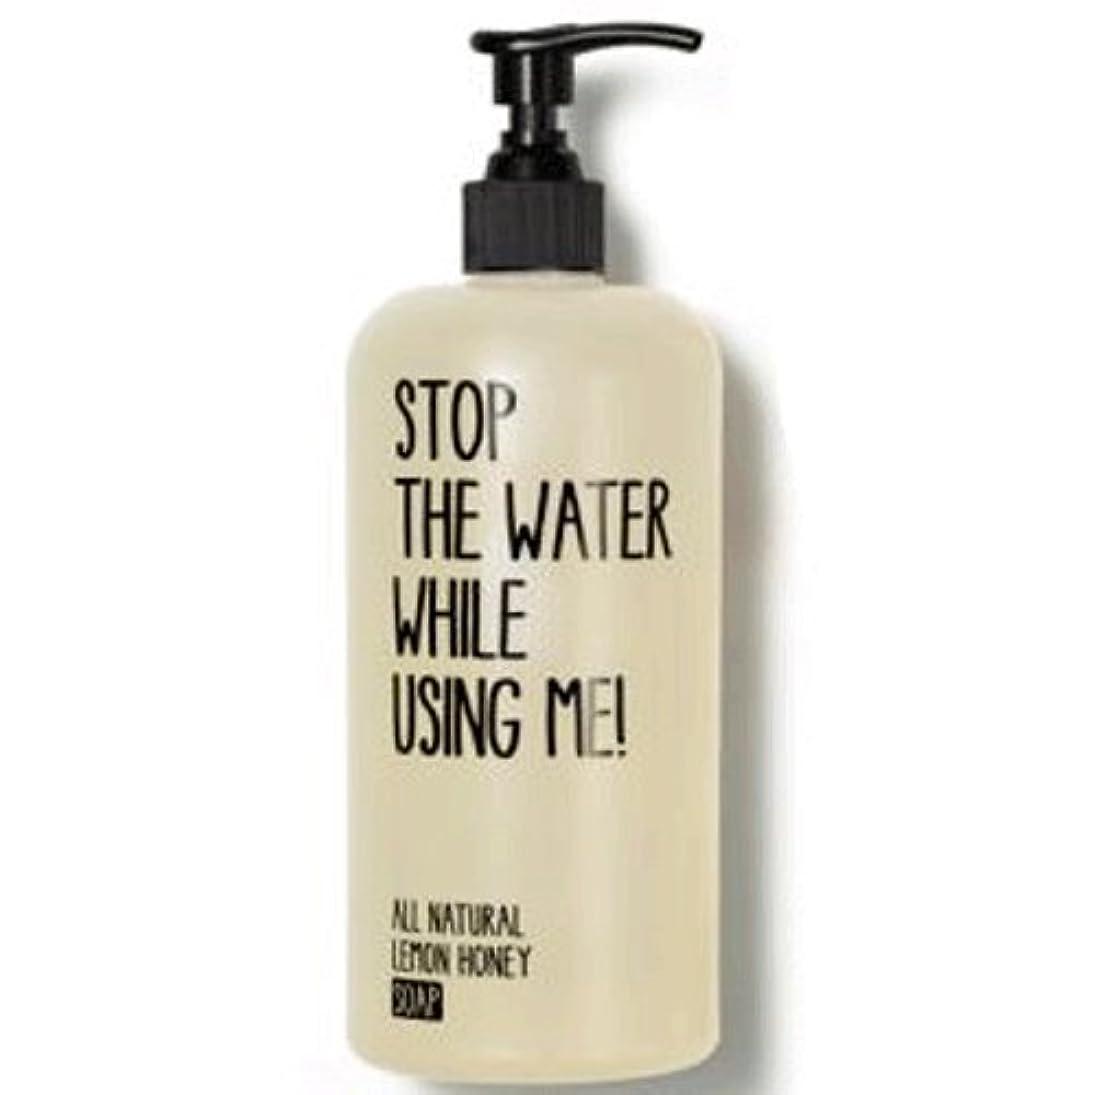 スツール帝国主義悲しい【STOP THE WATER WHILE USING ME!】L&Hソープ(レモン&ハニー) 500ml [並行輸入品]